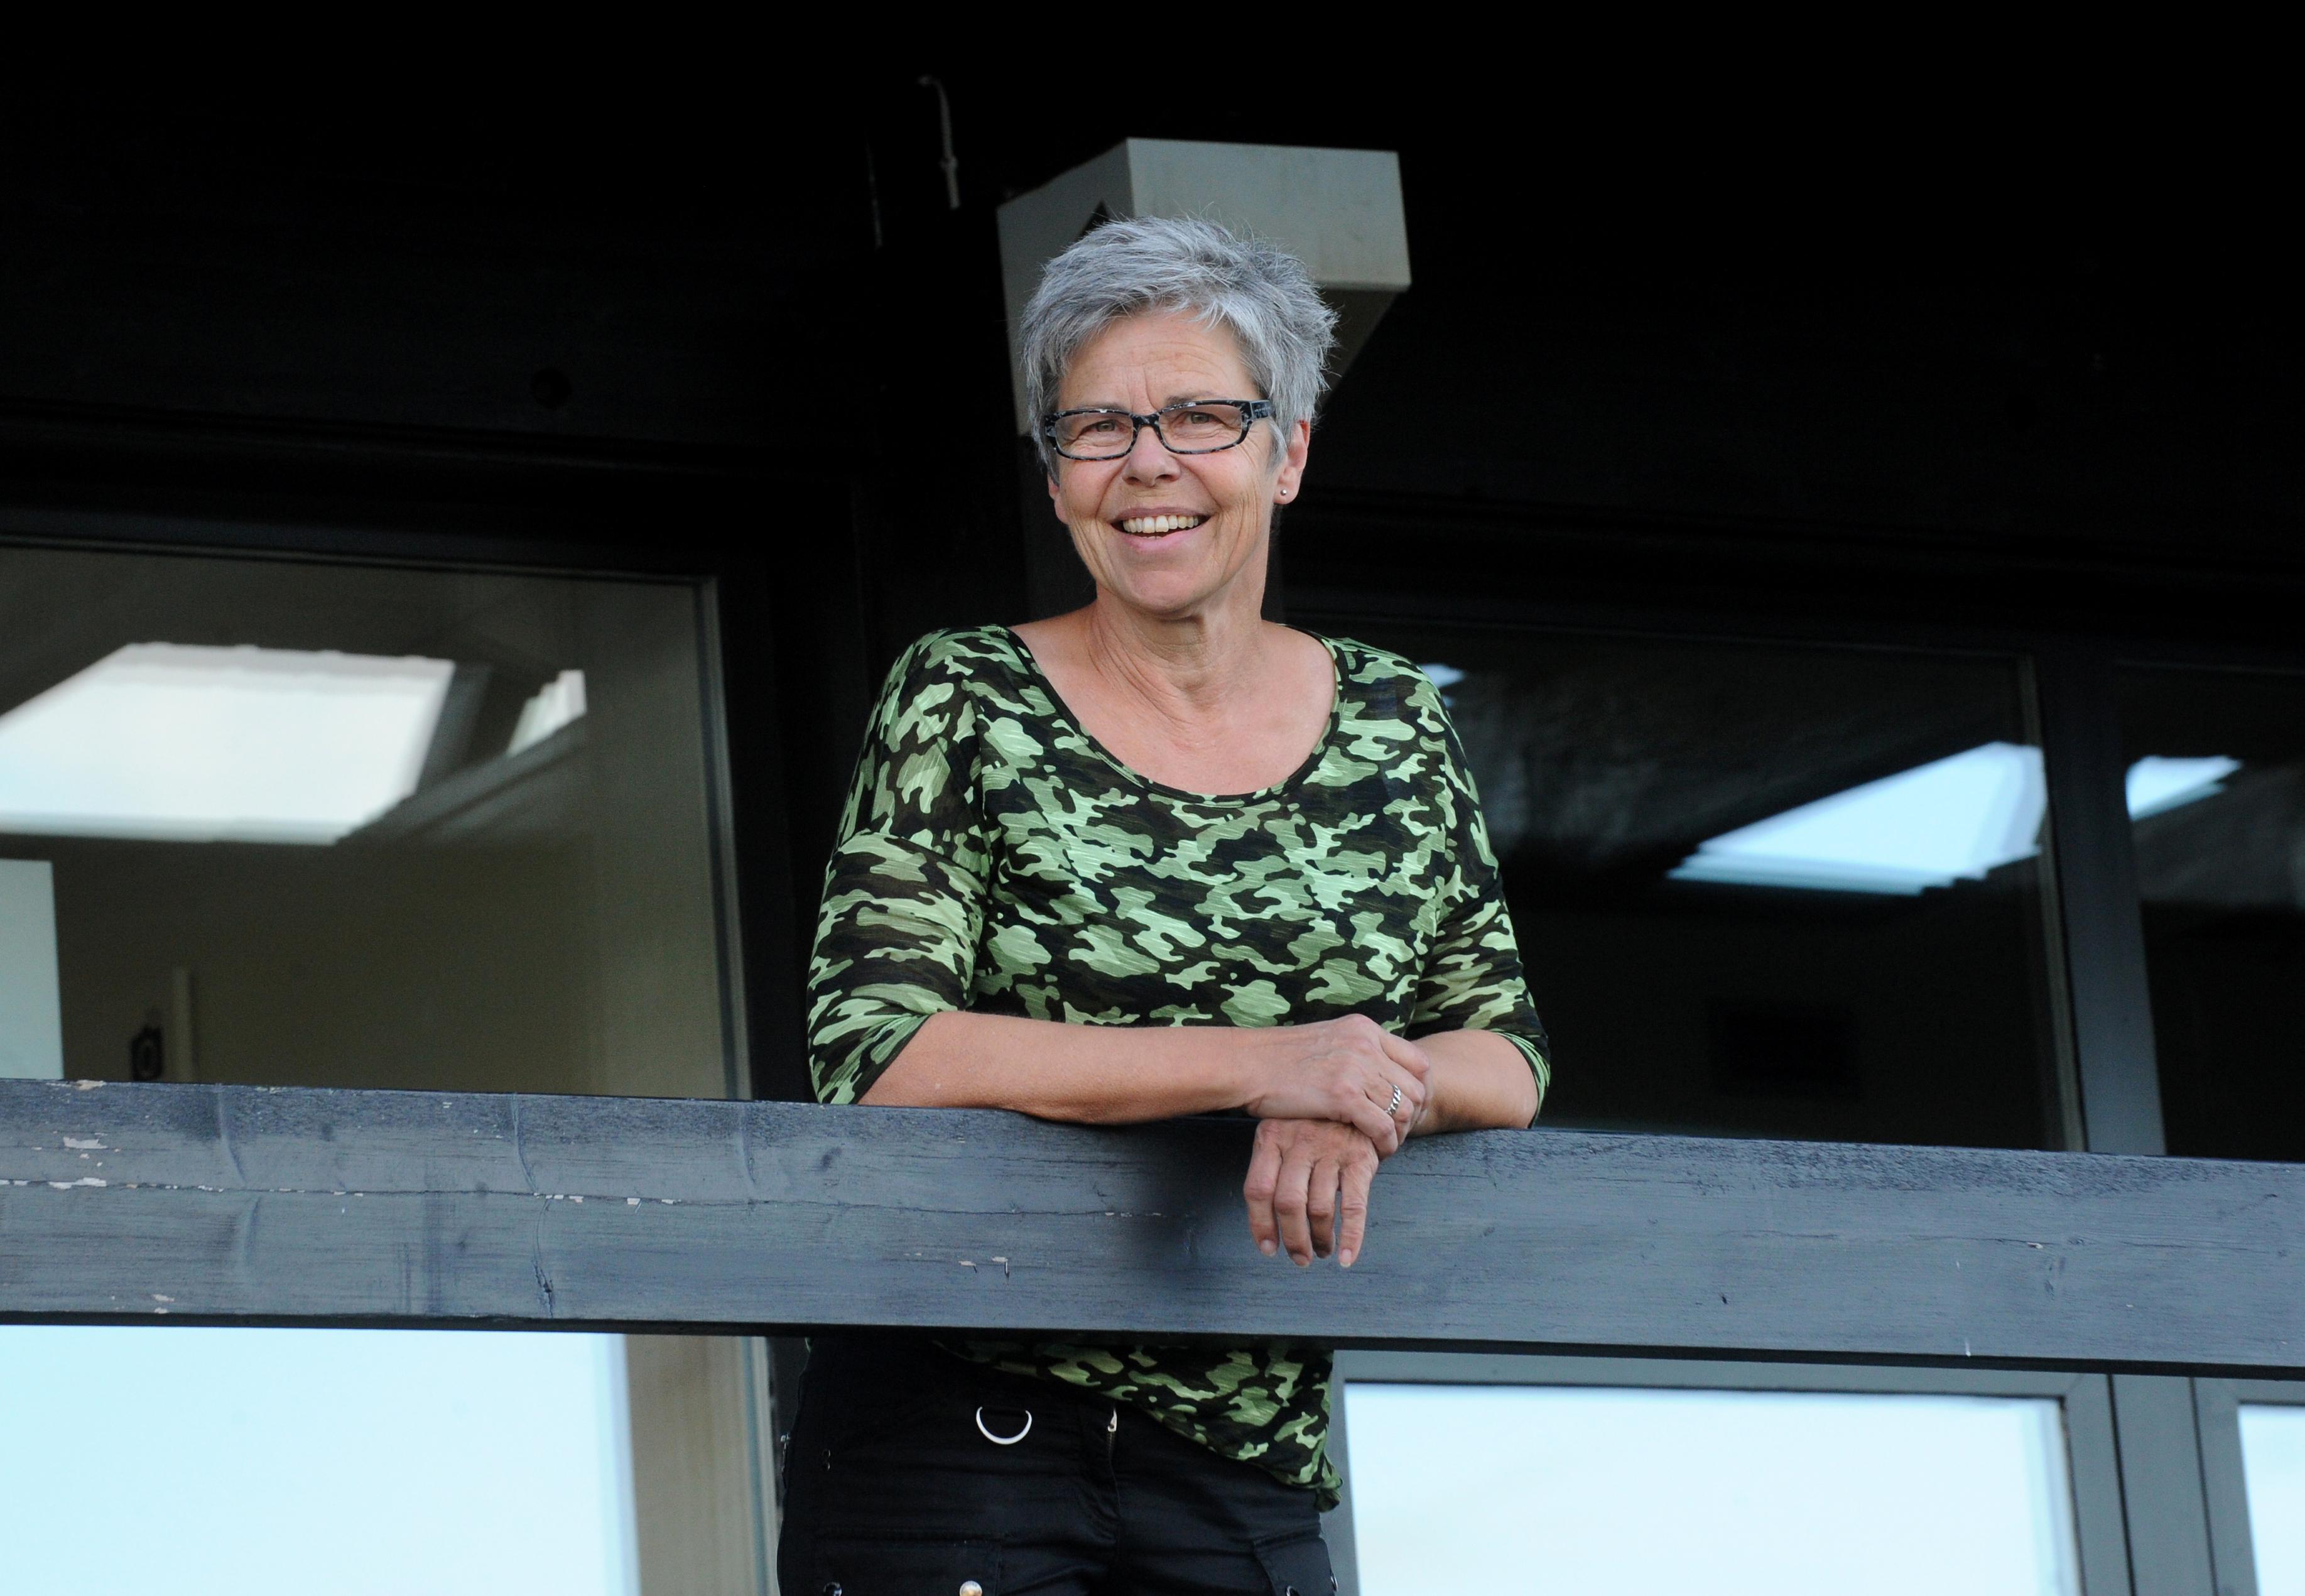 Ann-Marie Nordin